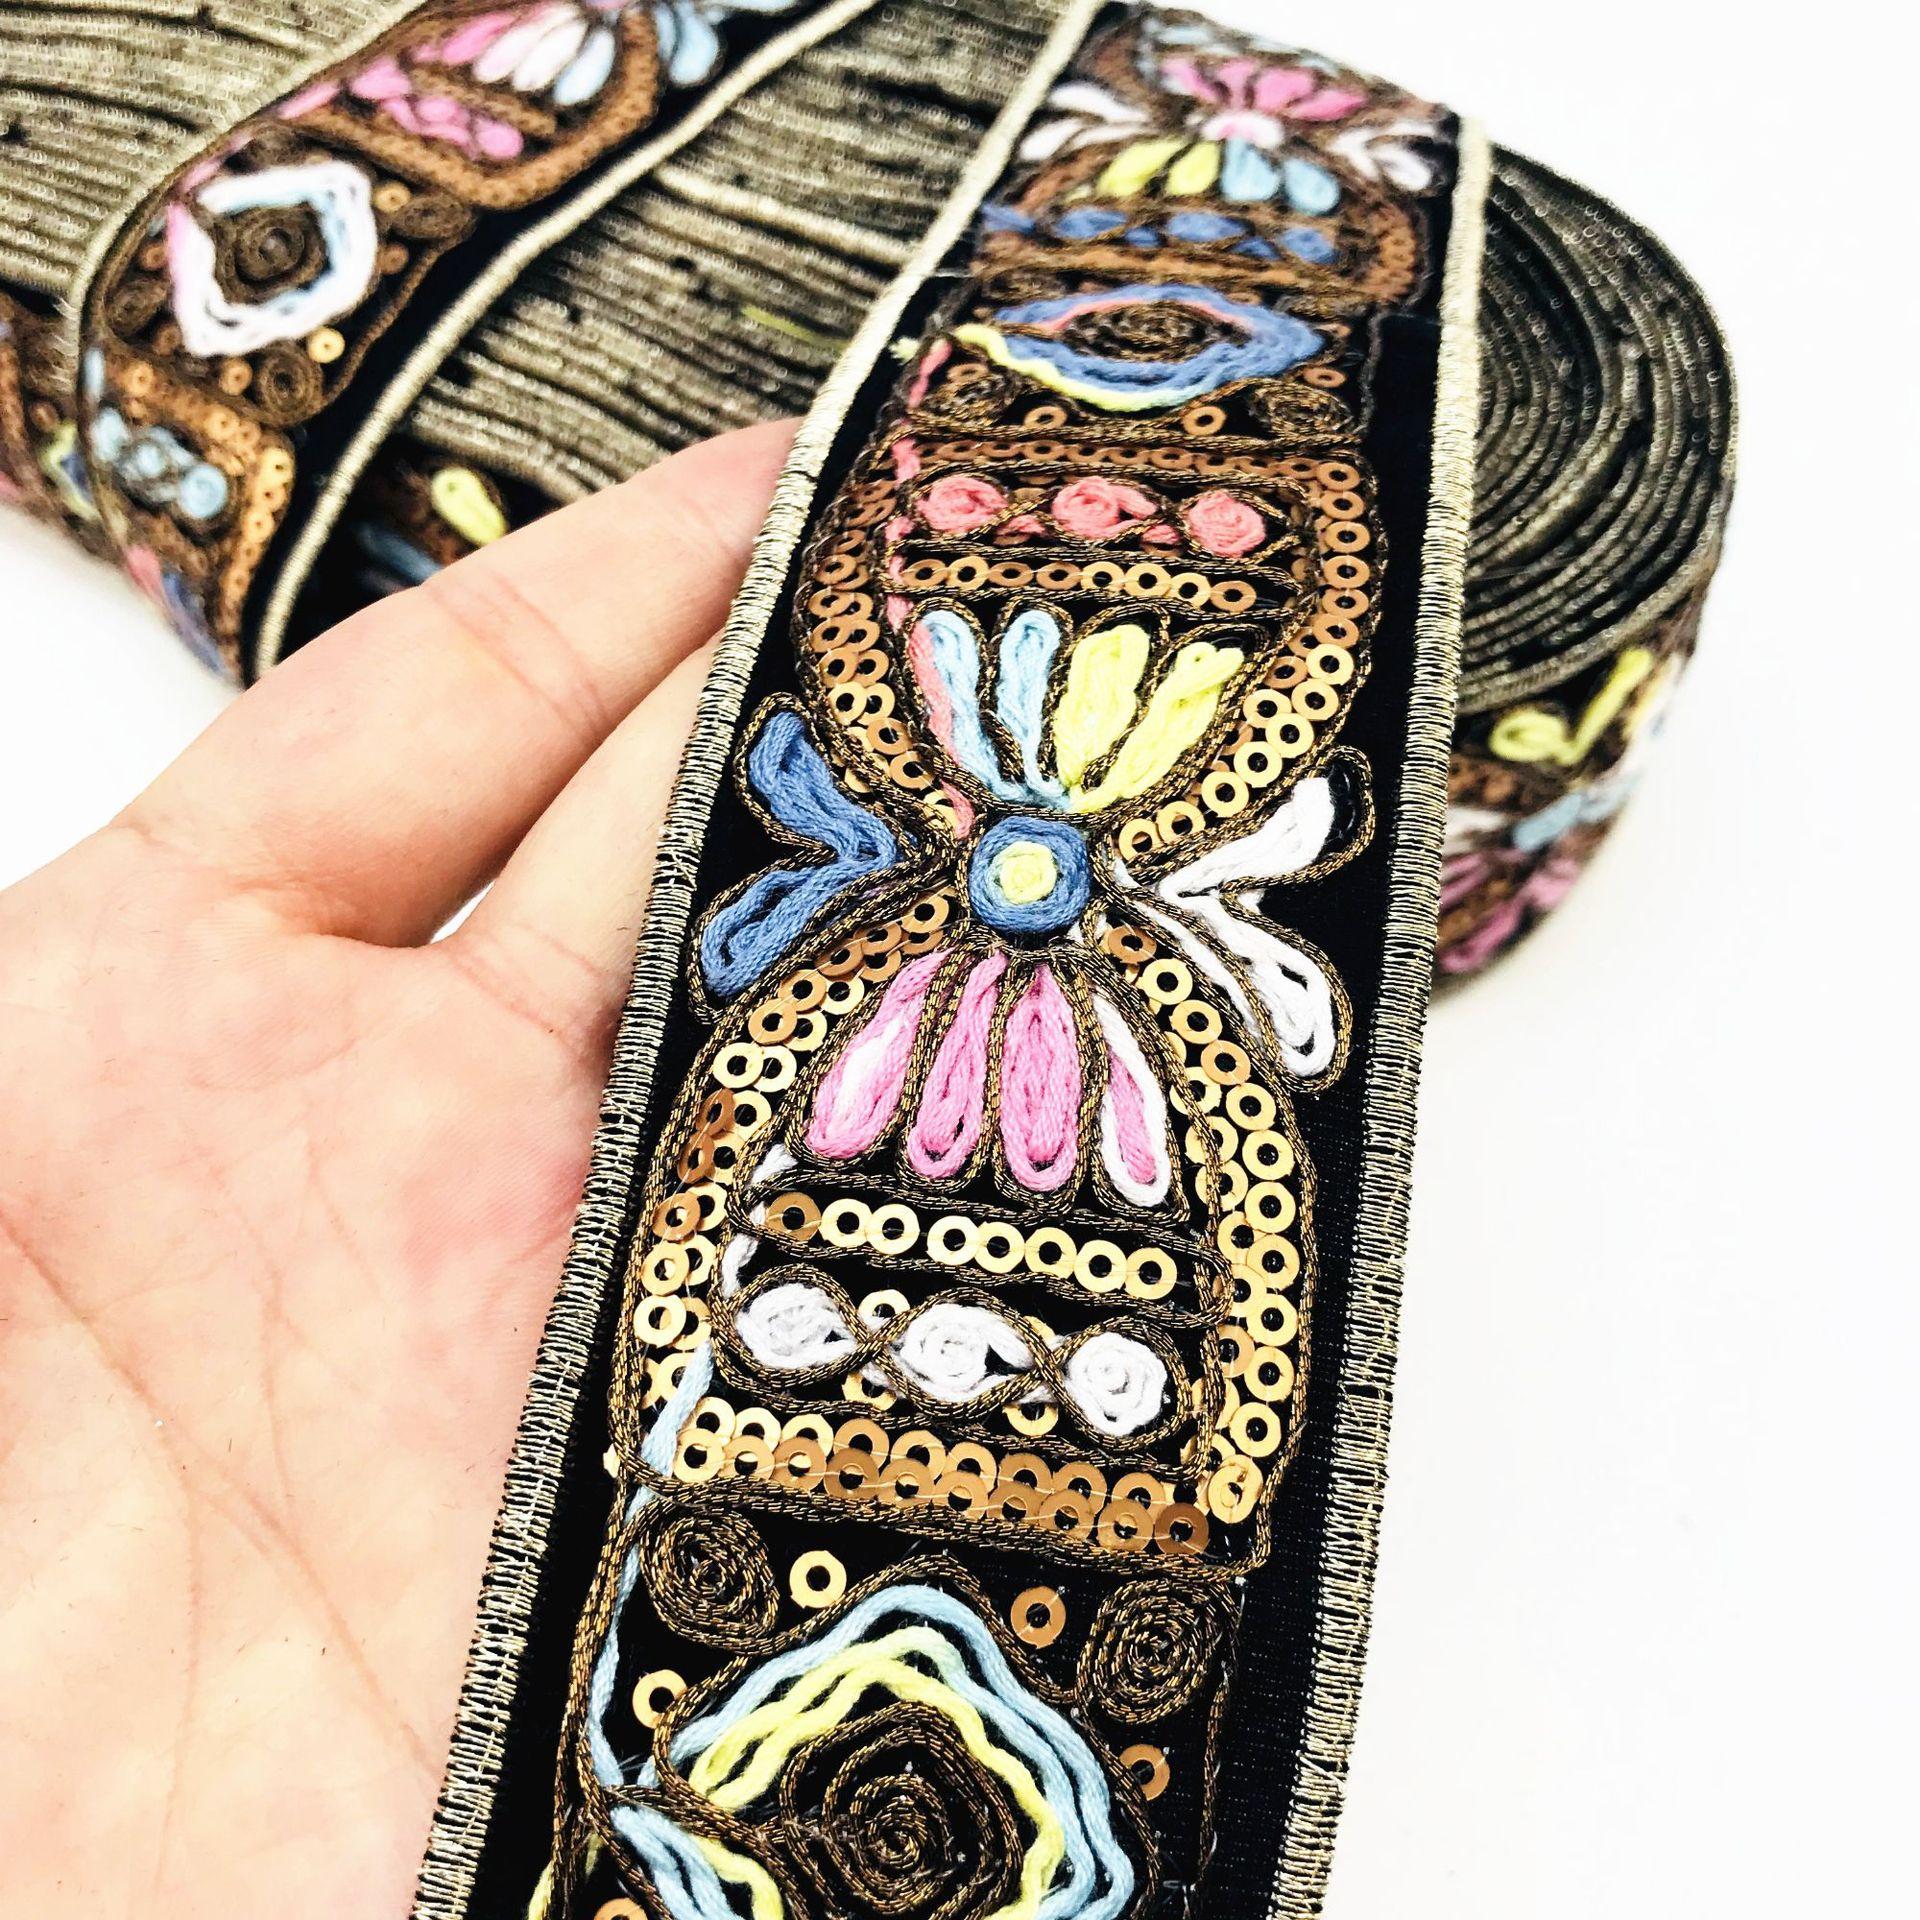 Spitze Trim Dekoration Vintage Stoff Band Nähen Handwerk Zubehör für Schuhe Tasche Verschönerung 1Yards